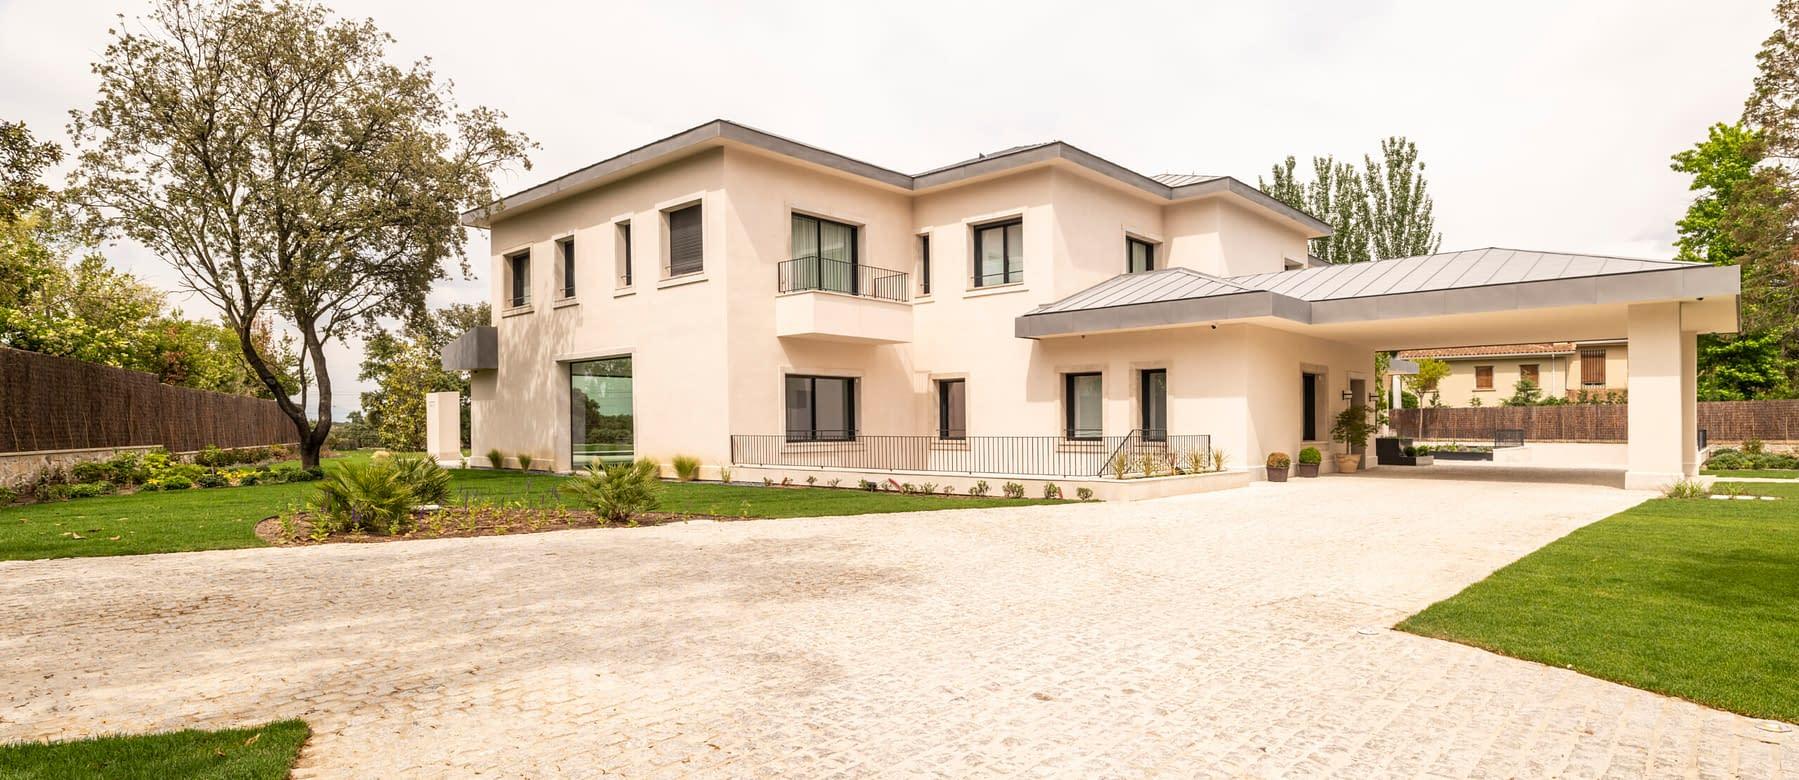 Construcción vivienda unifamiliar en La Florida, Madrid